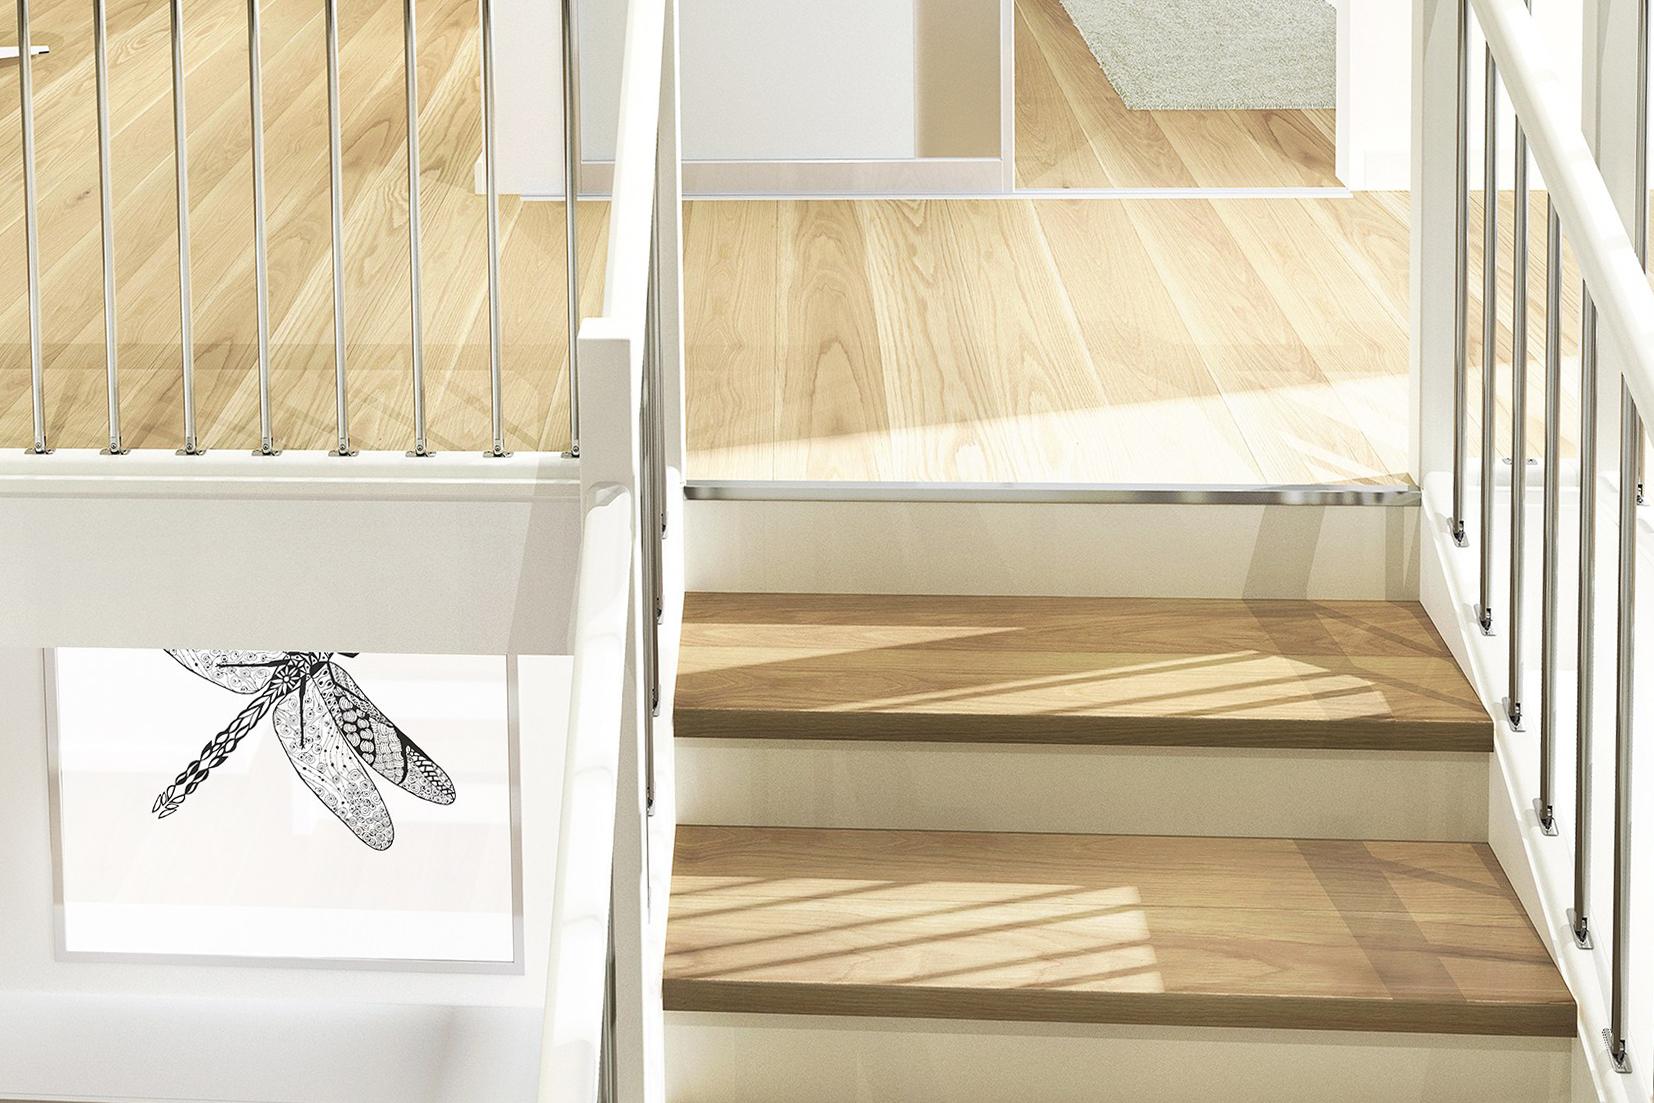 Industri- og boliggulv (IBG) er en leverandør av nisjeprodukter til gulv og vegg, for håndverker og forbruker. De leverer lister, verktøy, overflatebehandling, maskiner og annet utstyr. På messen demonstrerer de teknikker innen trapperenovering, overflatebehandling og vedlikehold av gulv, og viser frem gulvrelaterte produkter. Foto: IBG